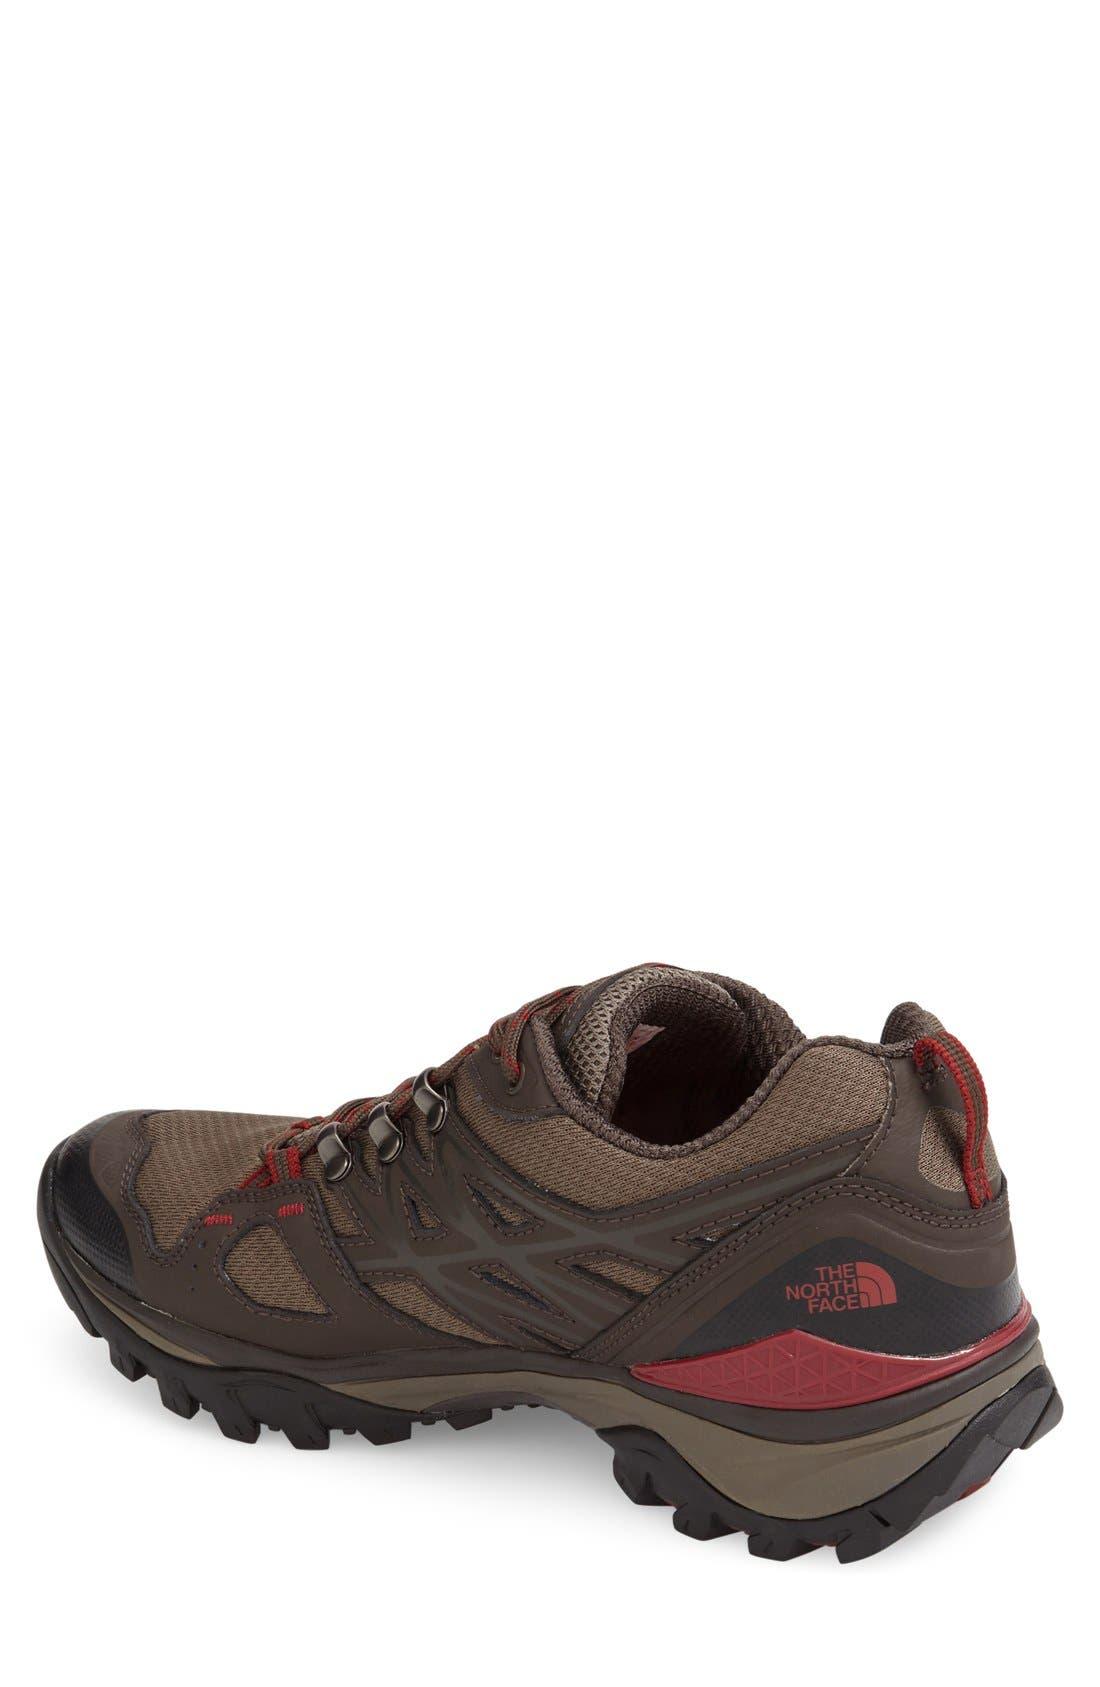 'Hedgehog Fastpack' Gore-Tex<sup>®</sup> Waterproof Hiking Shoe,                             Alternate thumbnail 6, color,